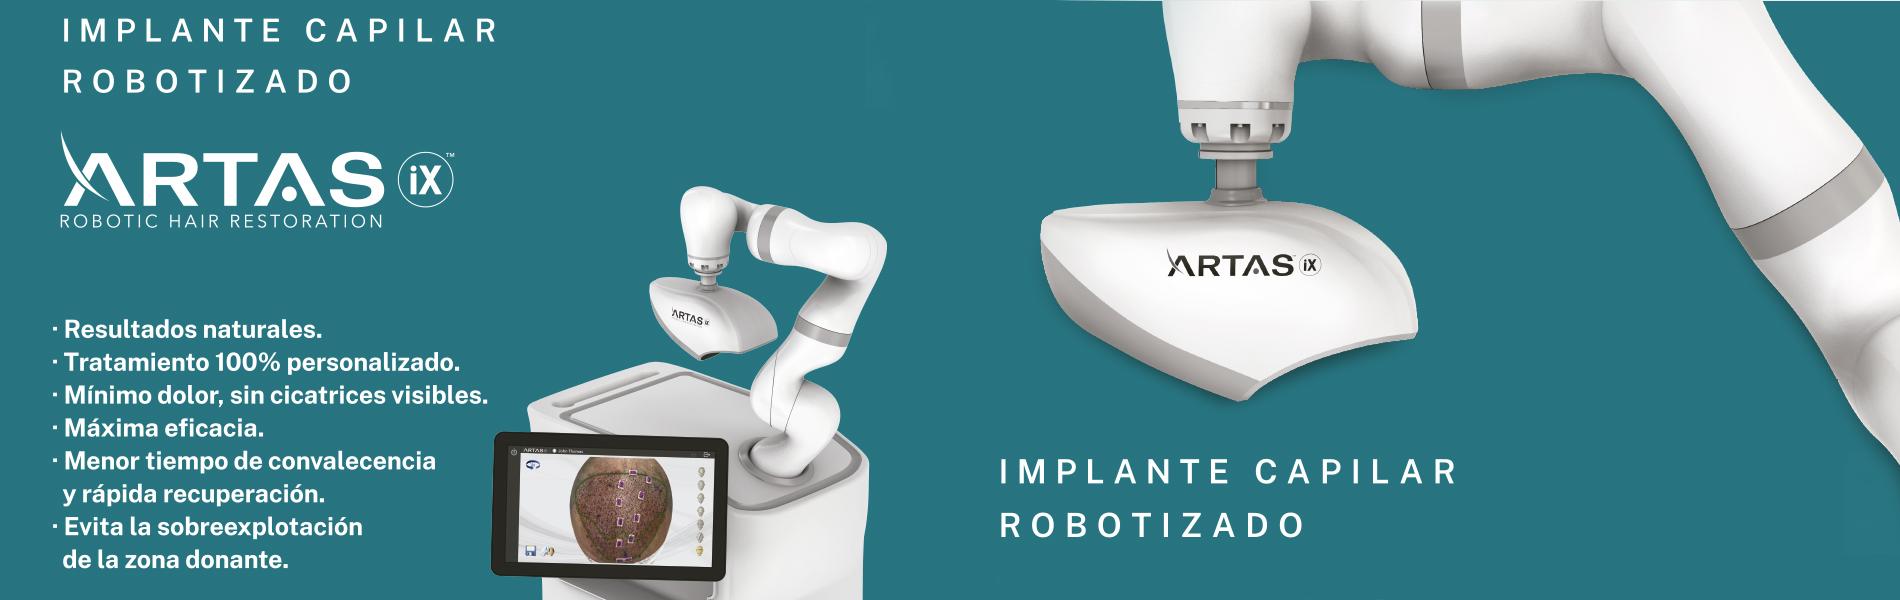 Implante capilar robotizado